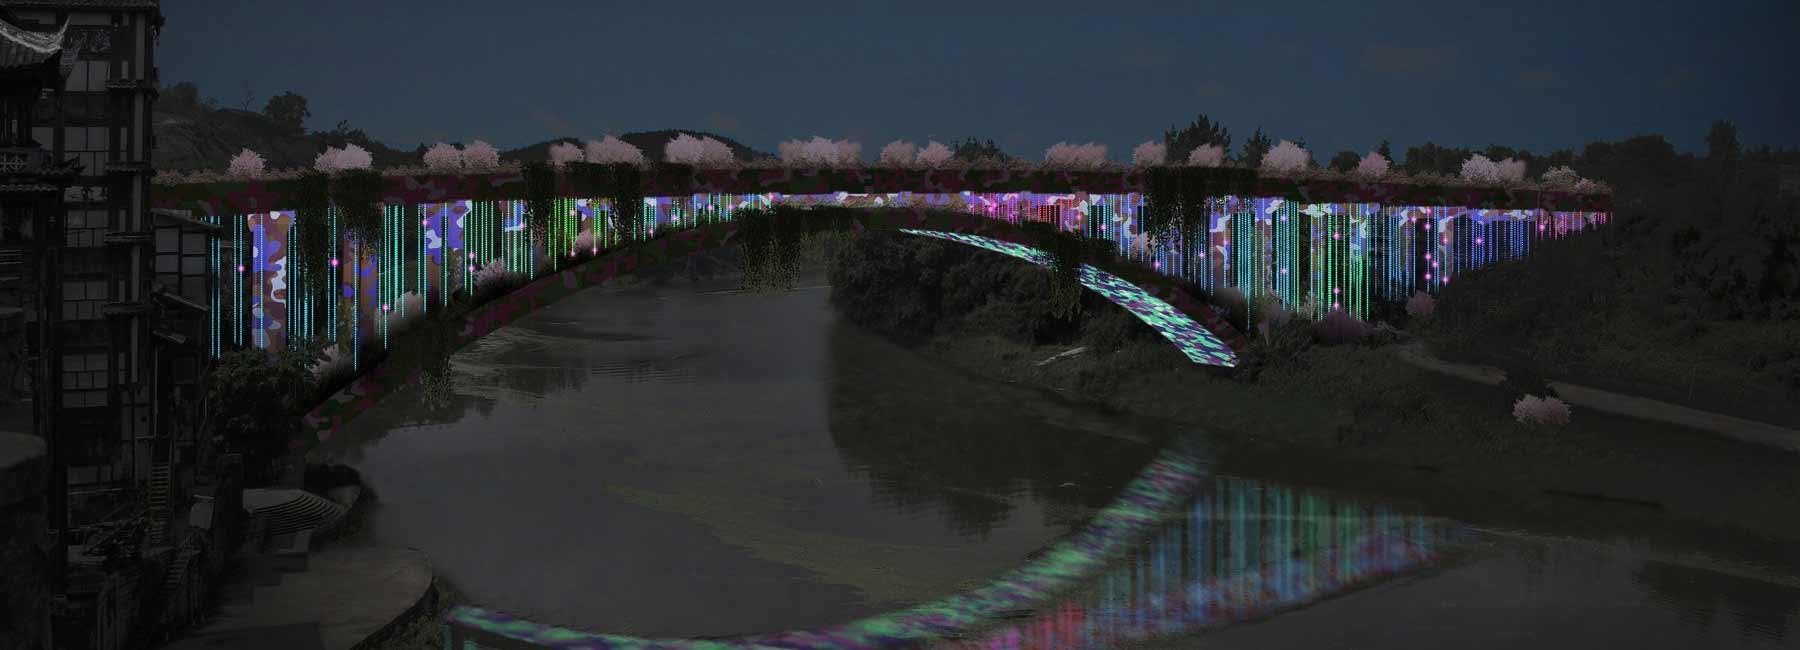 brut deluxe convierte el puente QuanXi en una instalación de luz